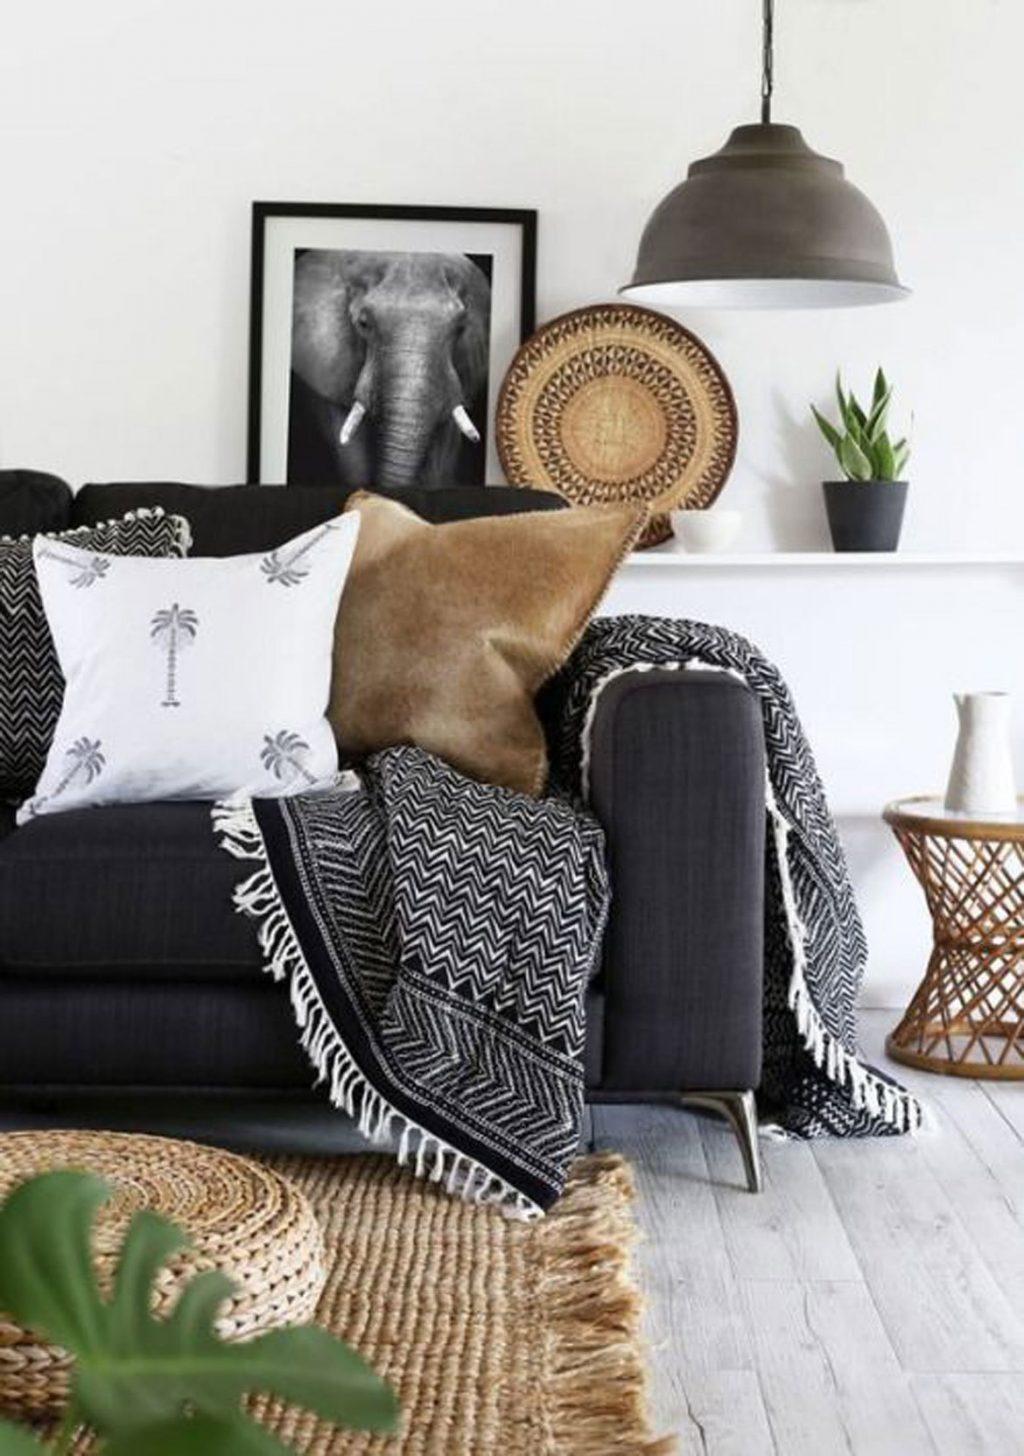 decoração de inverno na sala de estar com toques rústicos